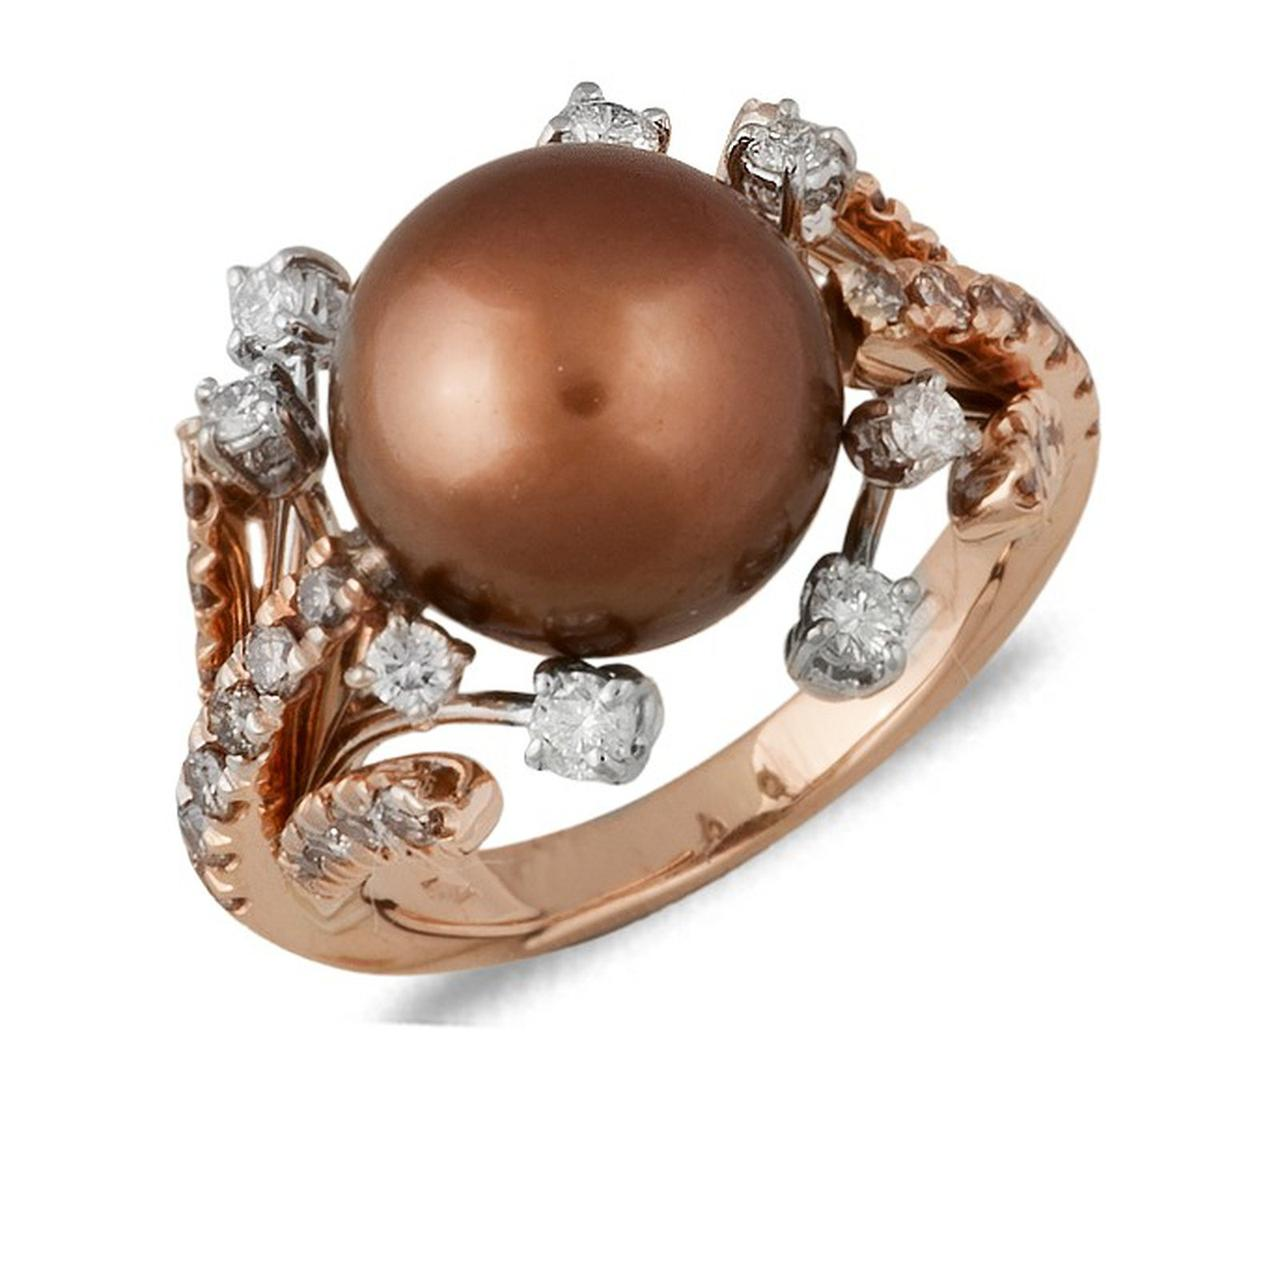 Золотое кольцо с бриллиантами и жемчугом, размер 16 (031875)